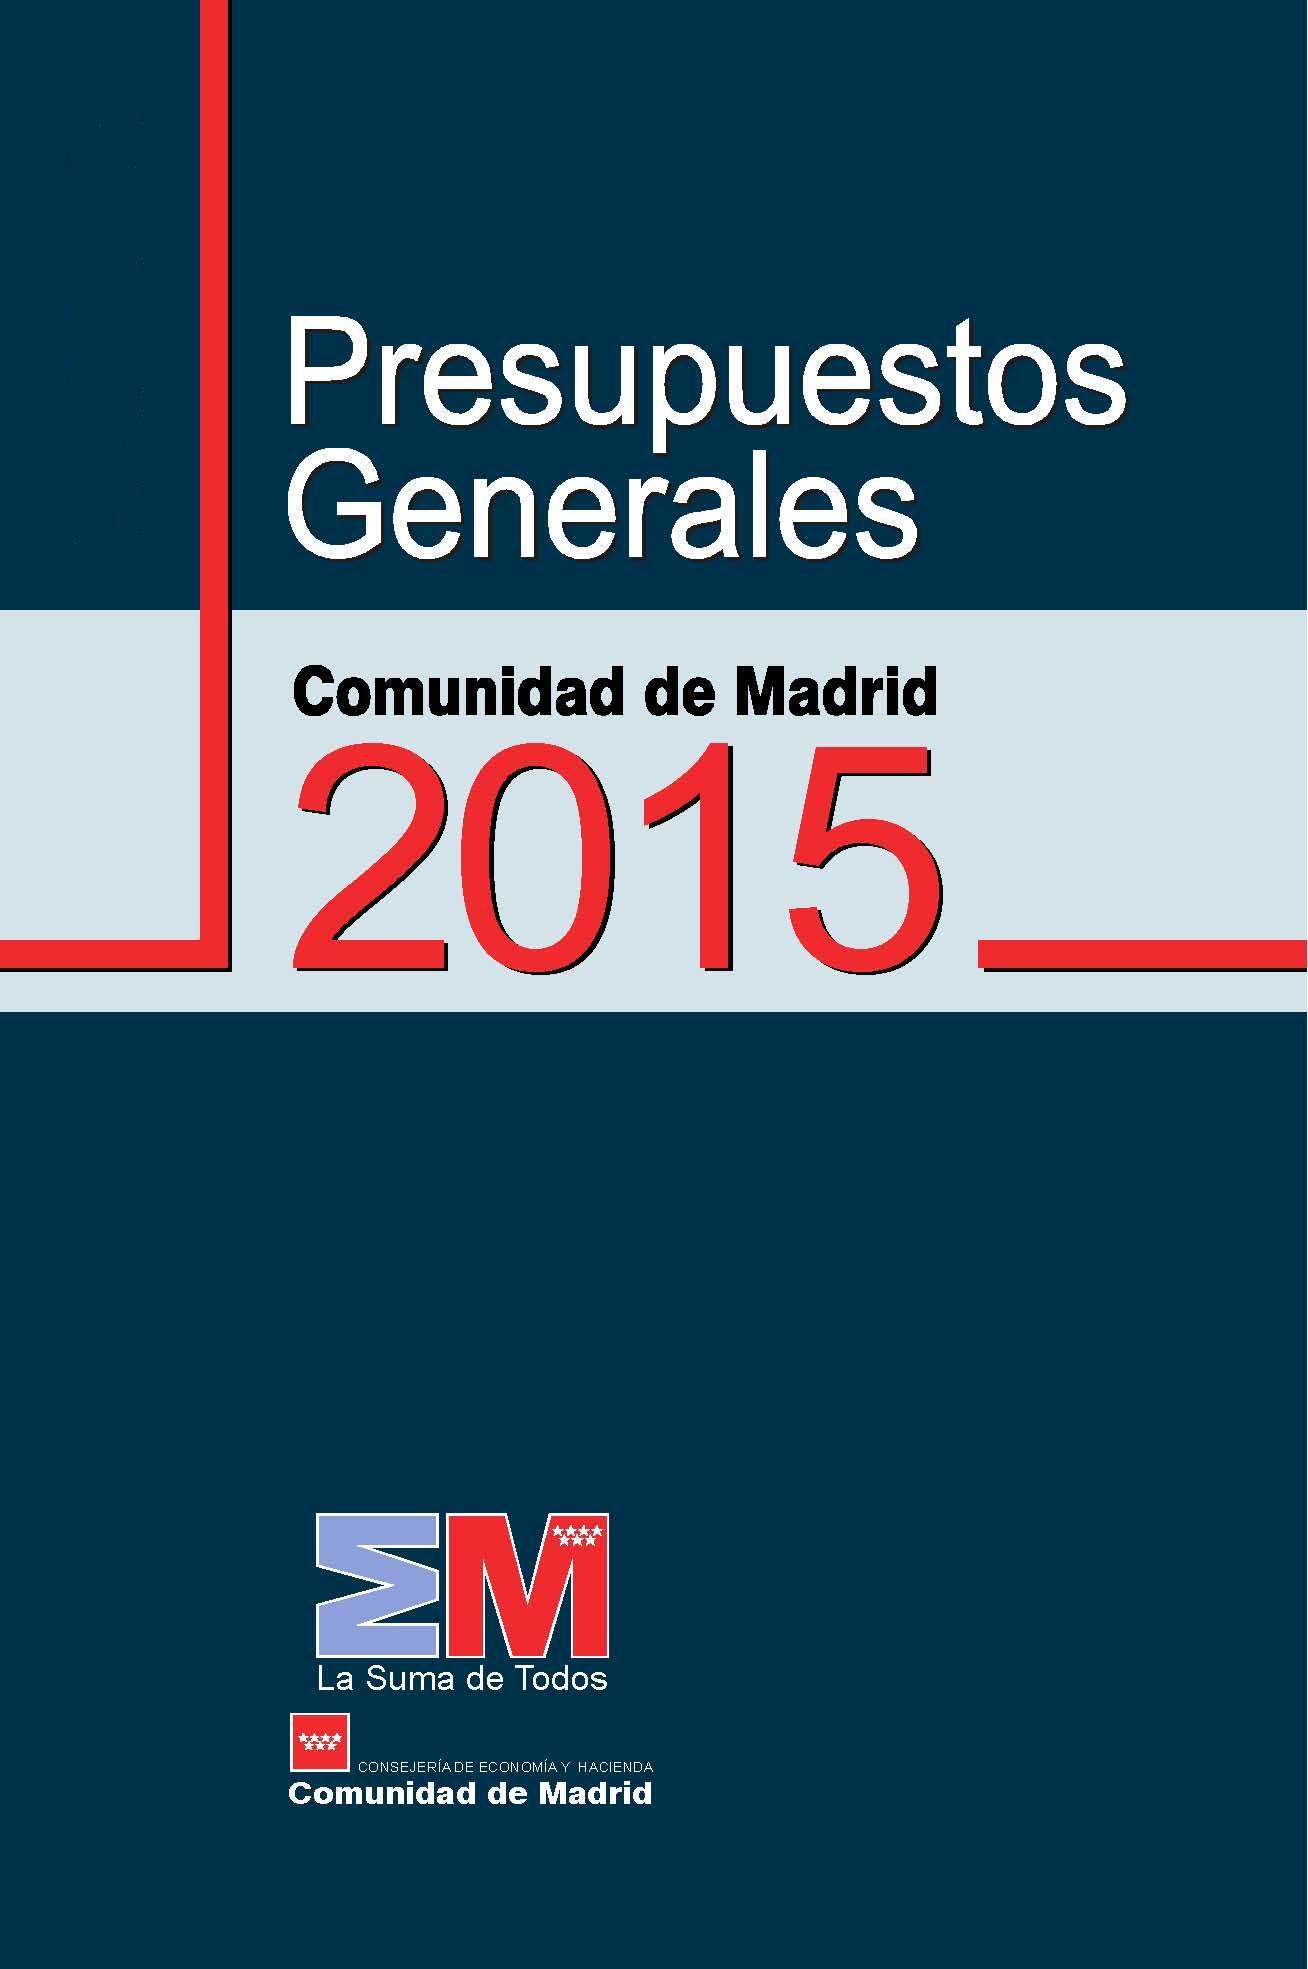 Folleto de Presupuestos 2015